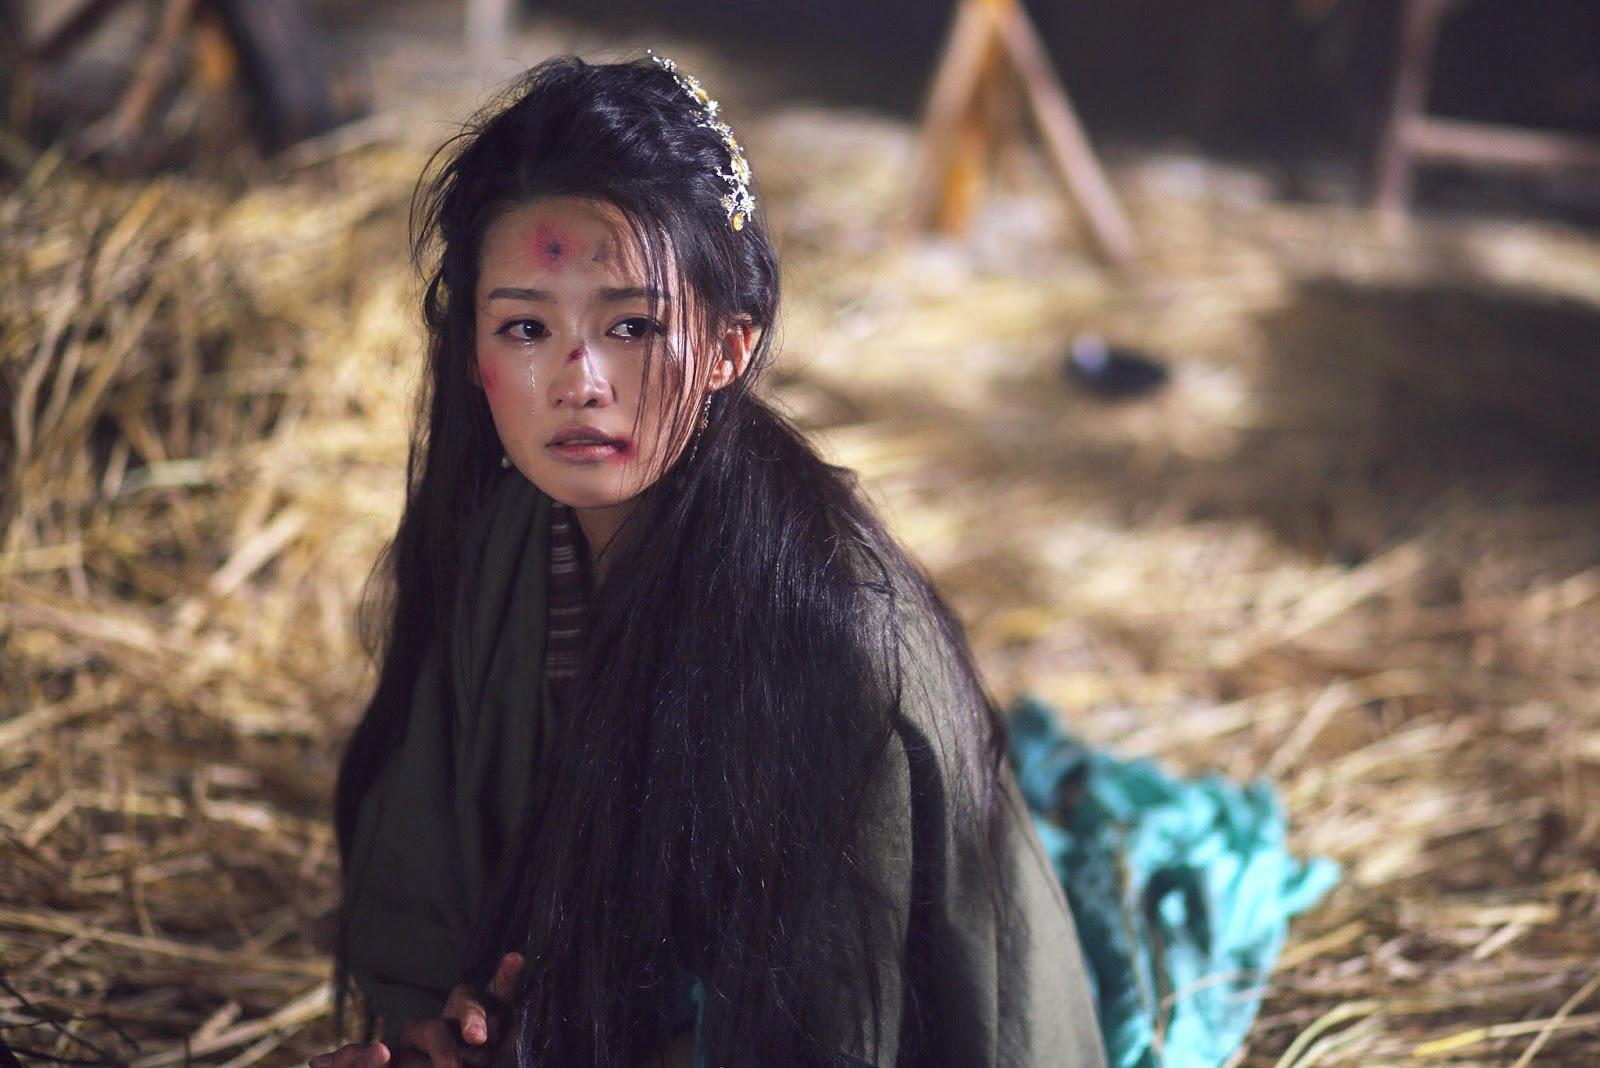 Nguyên mẫu lịch sử của Nguyên Thuần Công Chúa trong Sở Kiều Truyện: Là công chúa có số phận thê thảm nhất, nước mất nhà tan trở thành kẻ ăn mày - Ảnh 1.